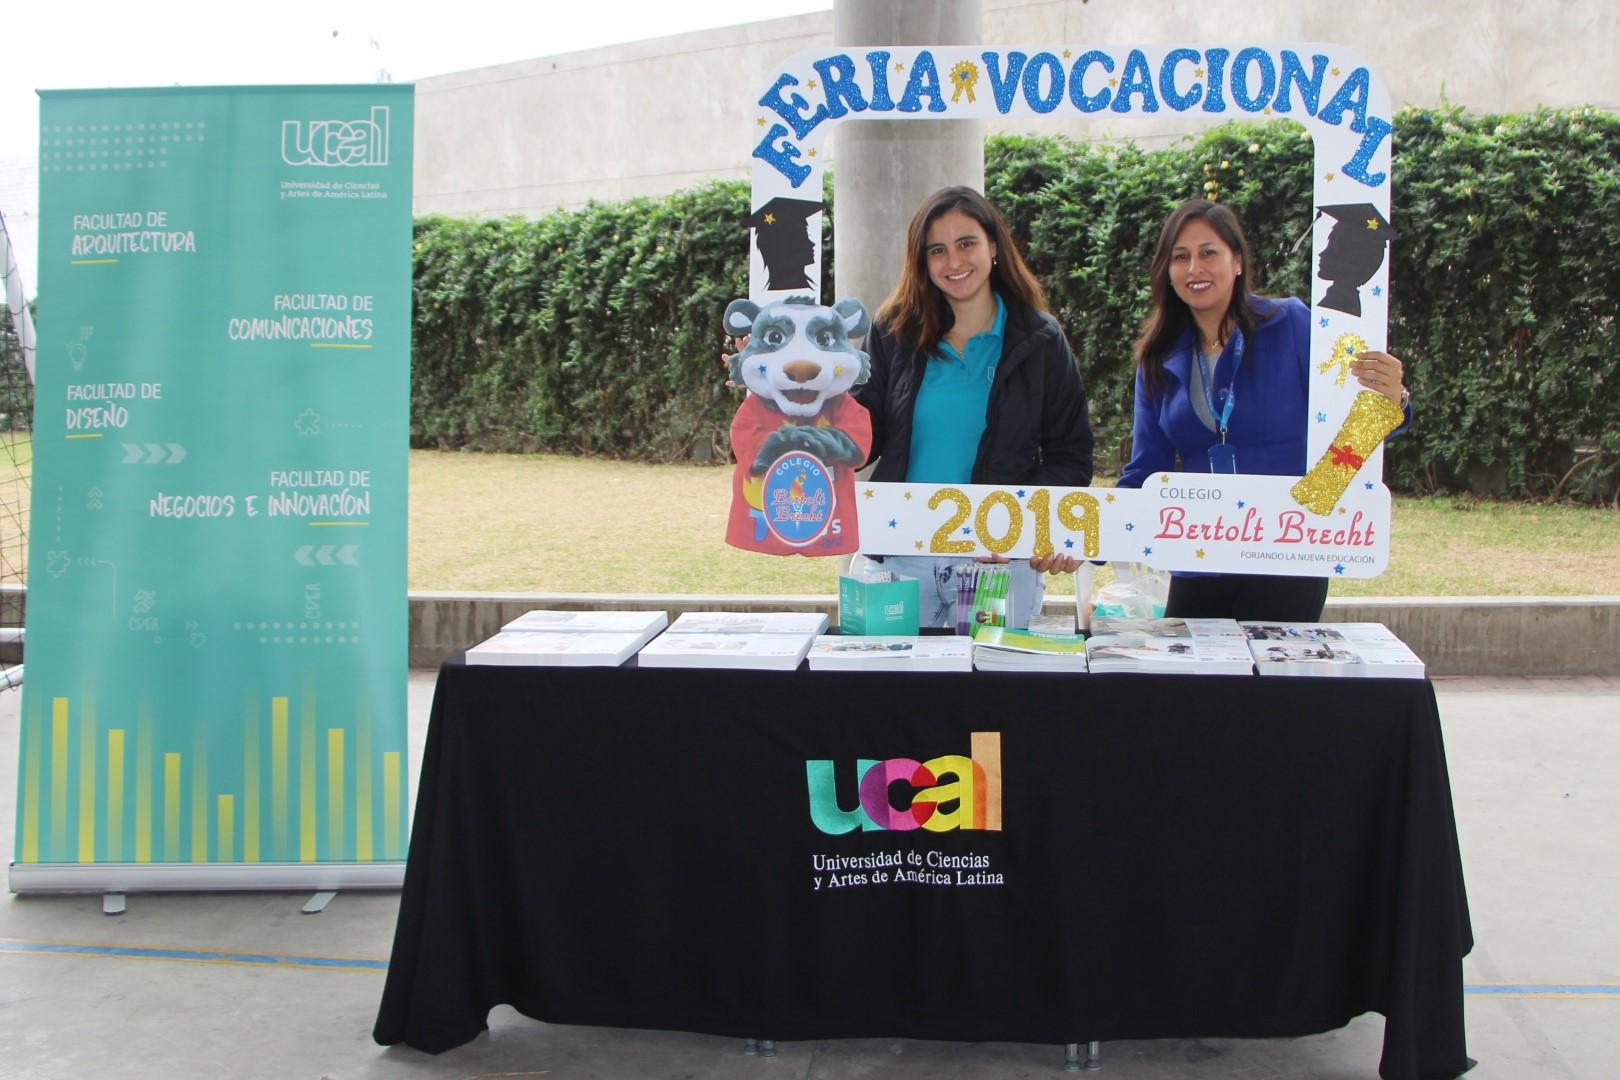 Feria vocacional 2019 (5)